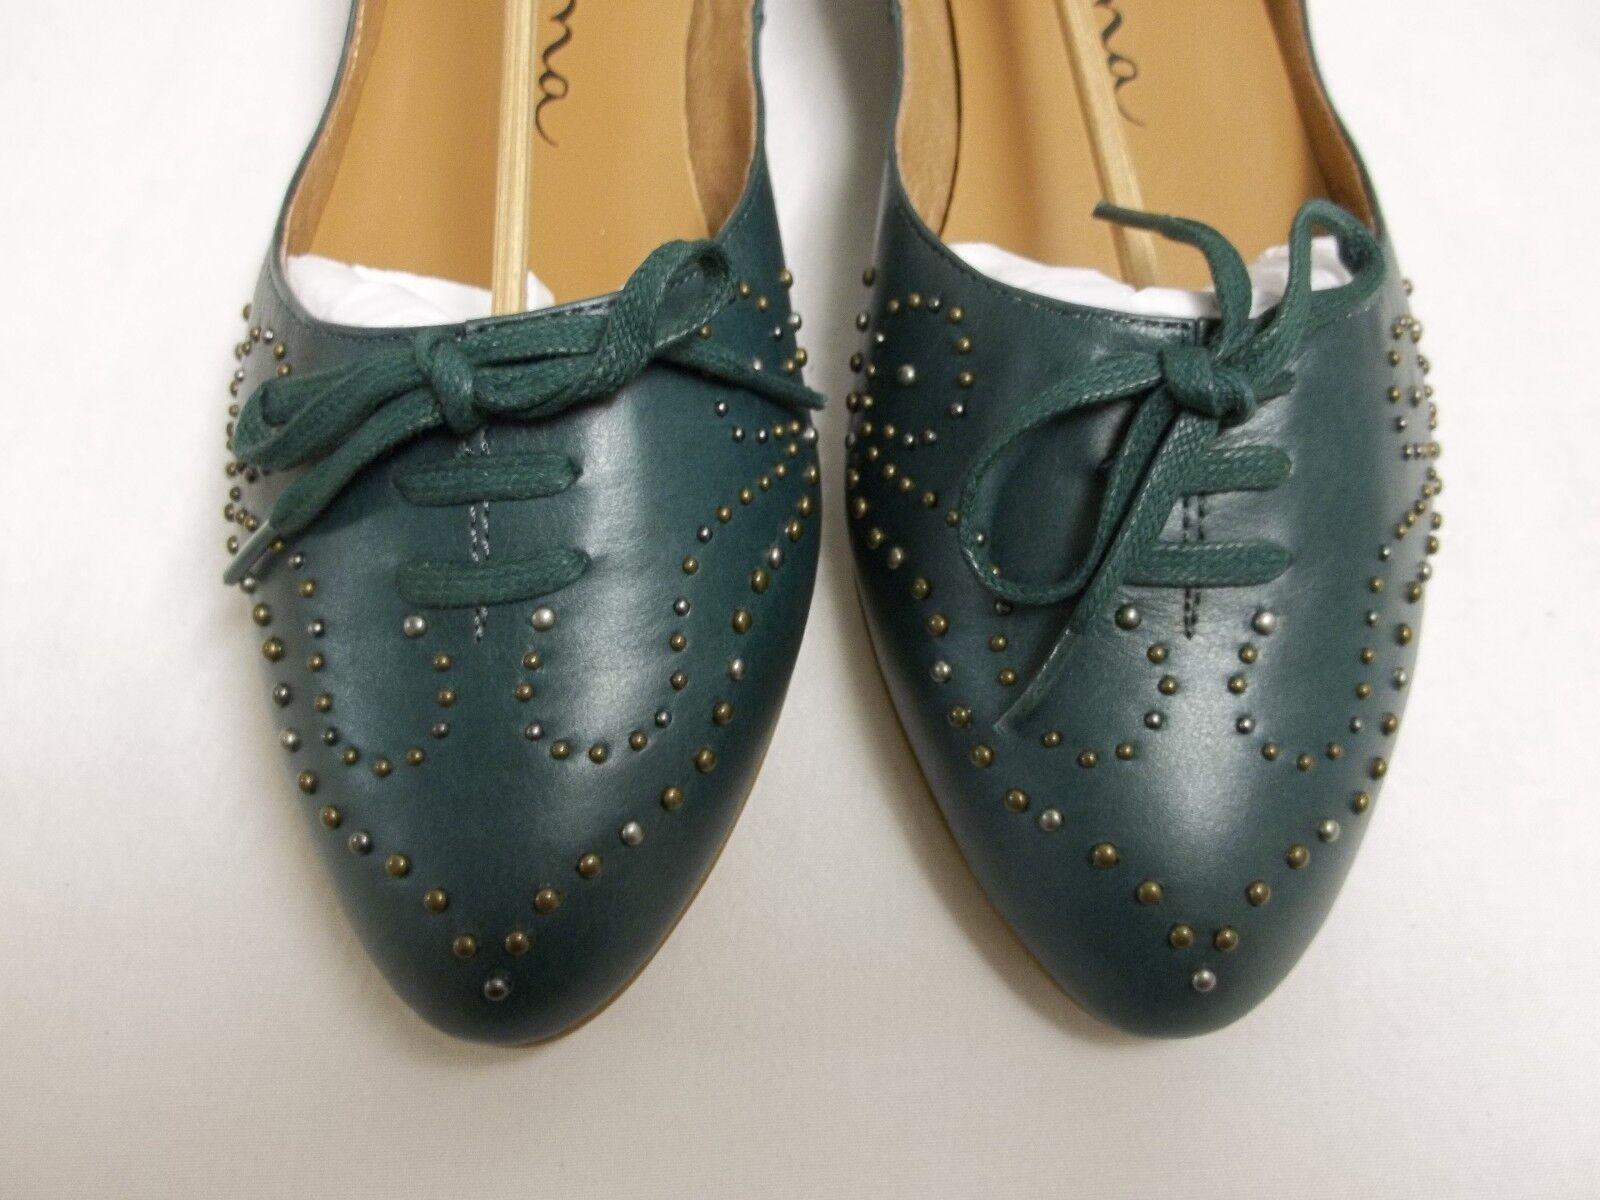 Nina Größe 8 Flats M Joelynn Pine Leder Flats 8 New Damenschuhe Schuhes 7e09e9